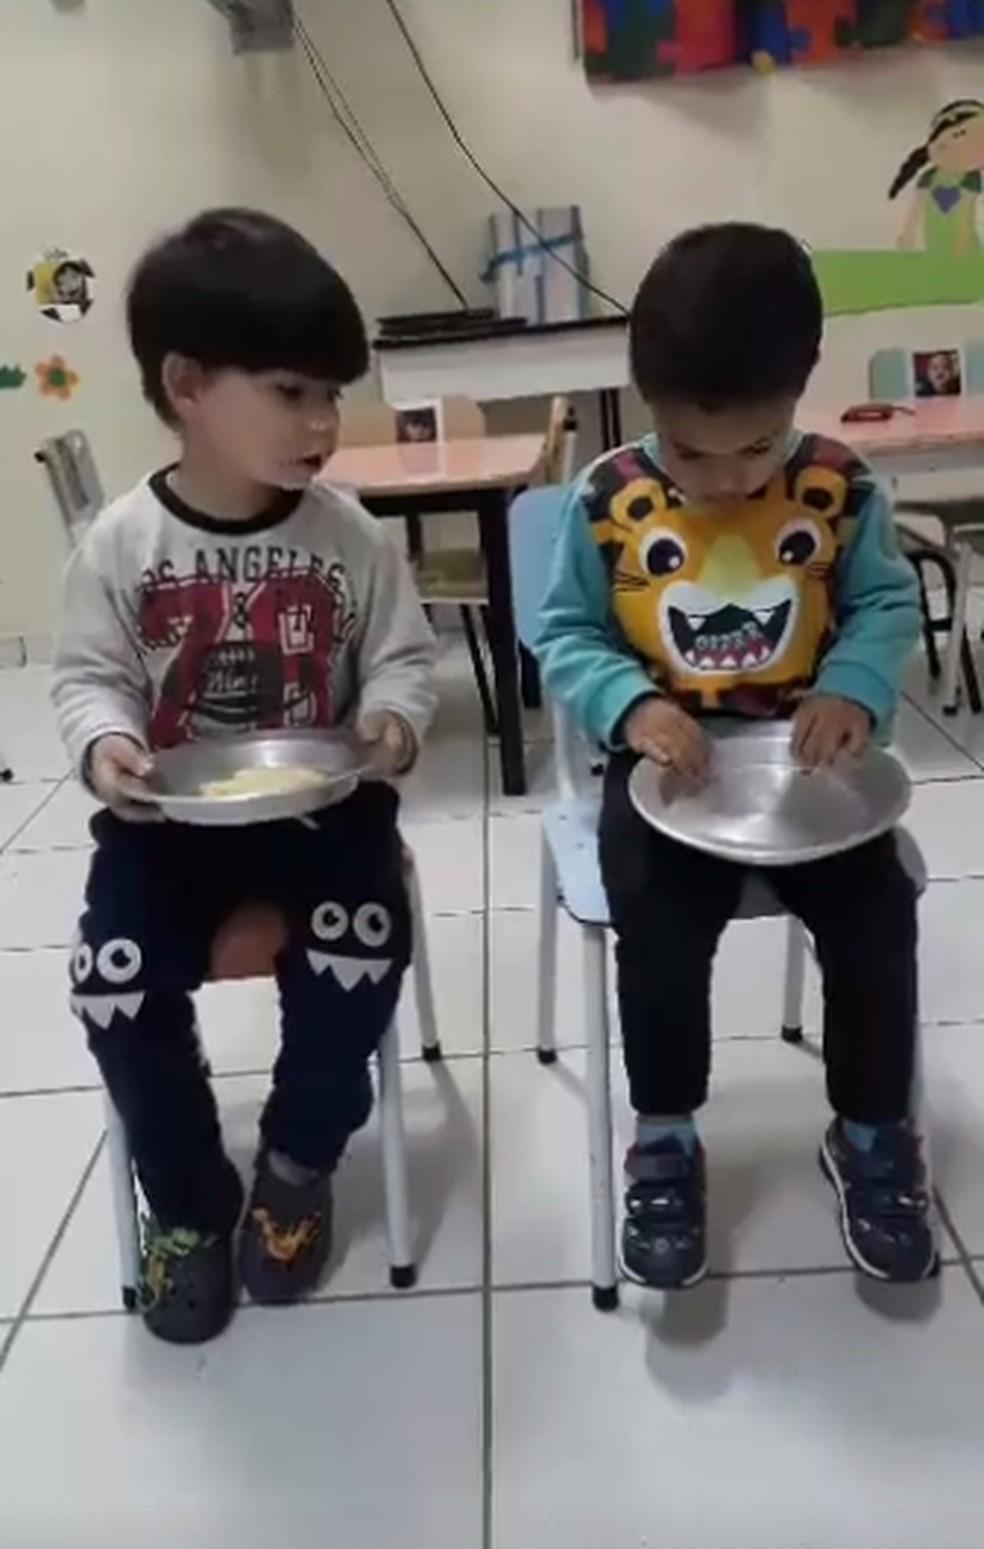 Crianças fazem atividade onde aprendem a dividir (Foto: Reprodução/Facebook)